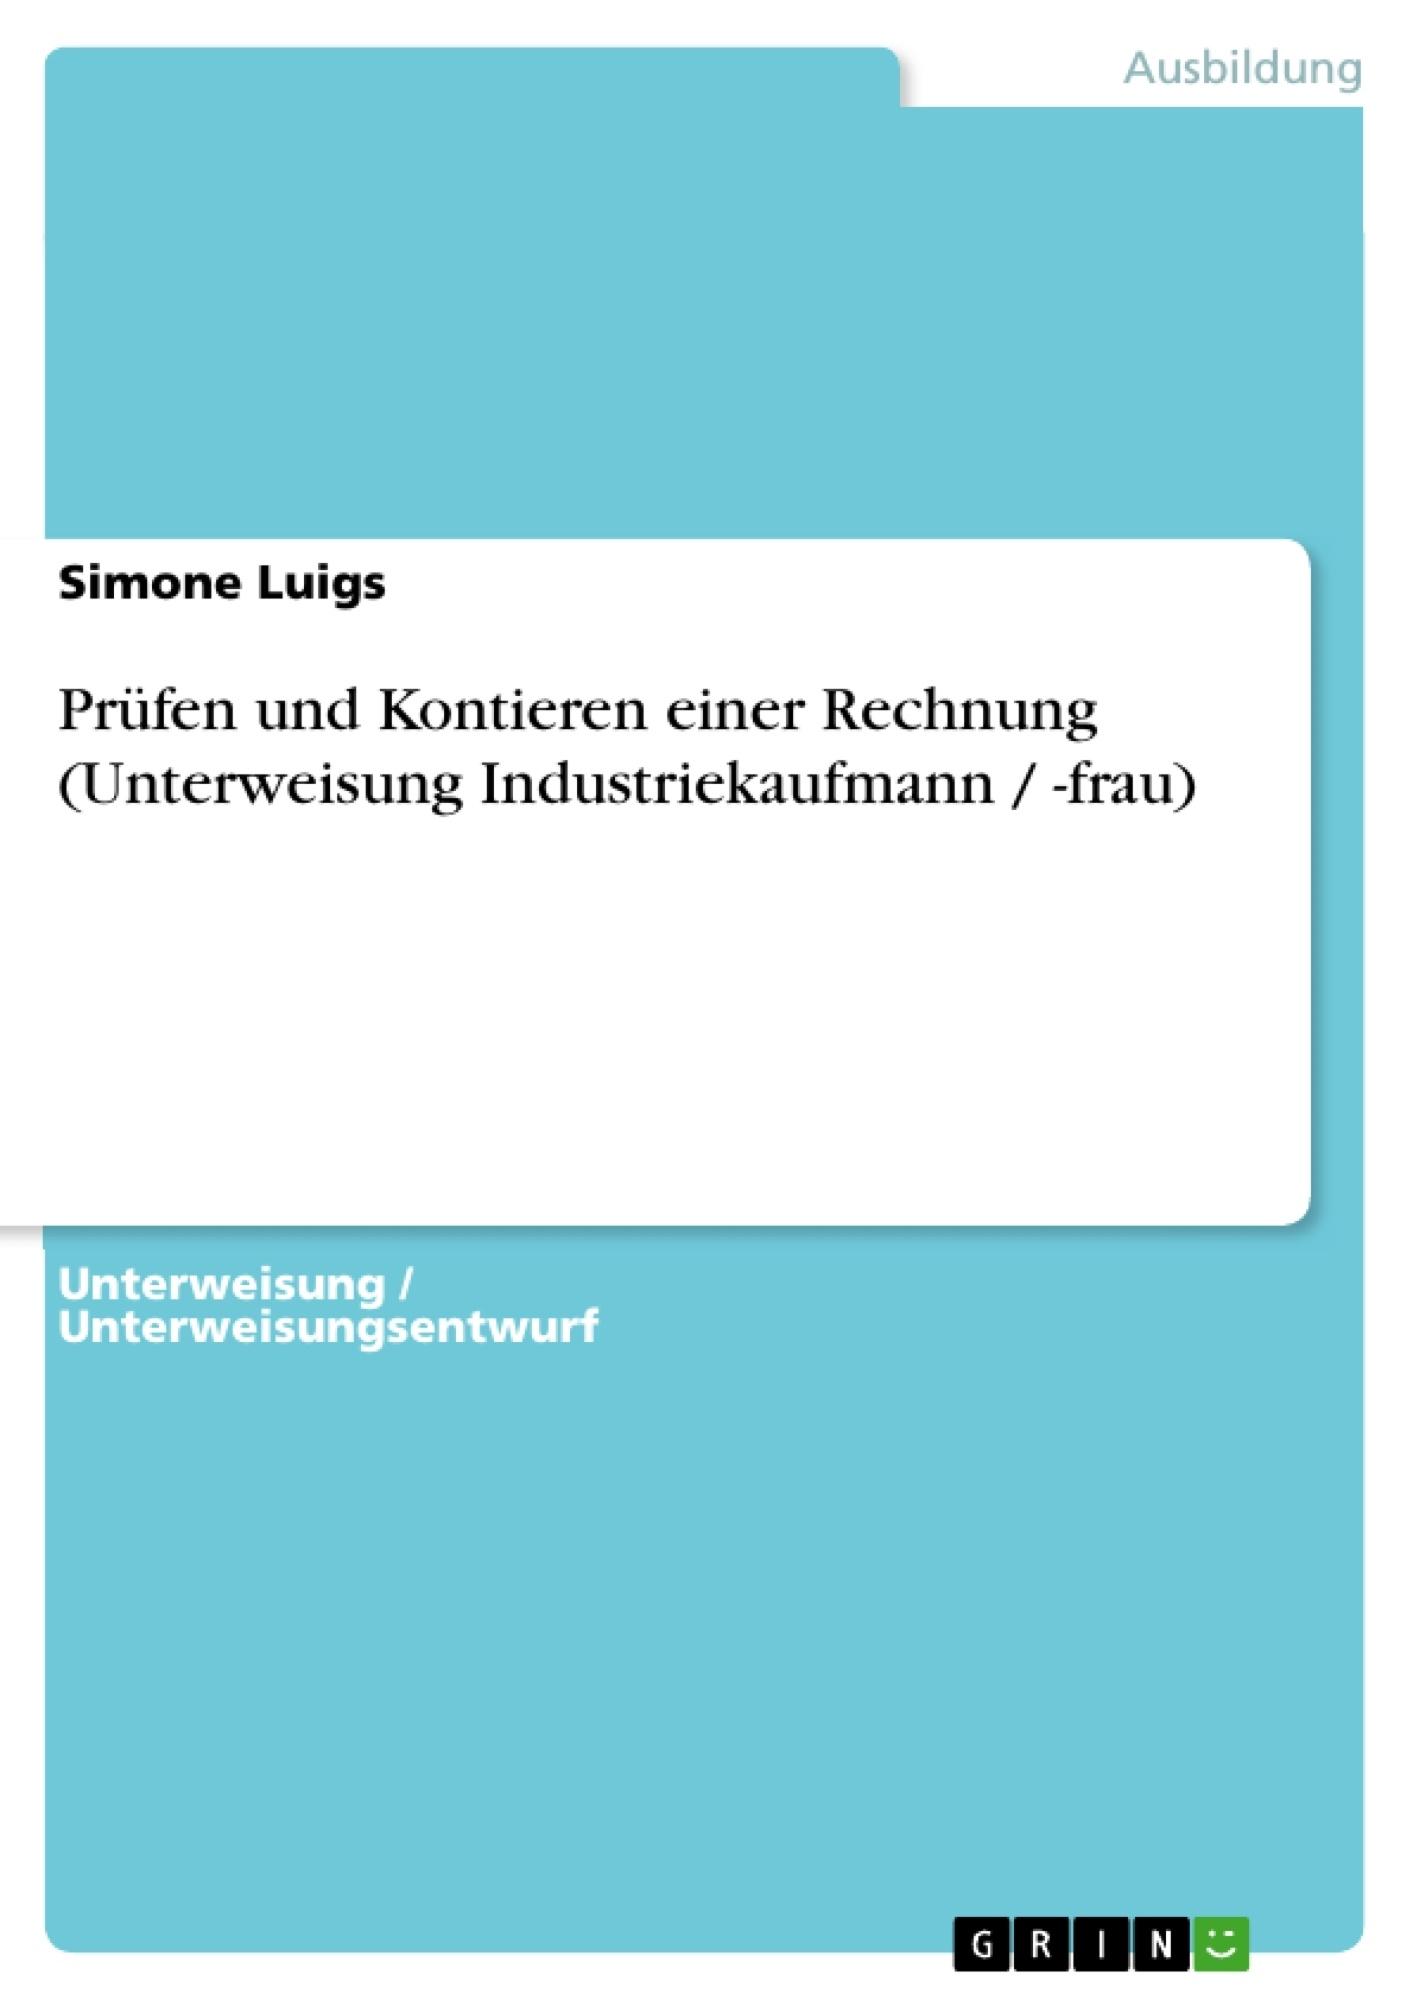 Titel: Prüfen und Kontieren einer Rechnung (Unterweisung Industriekaufmann / -frau)